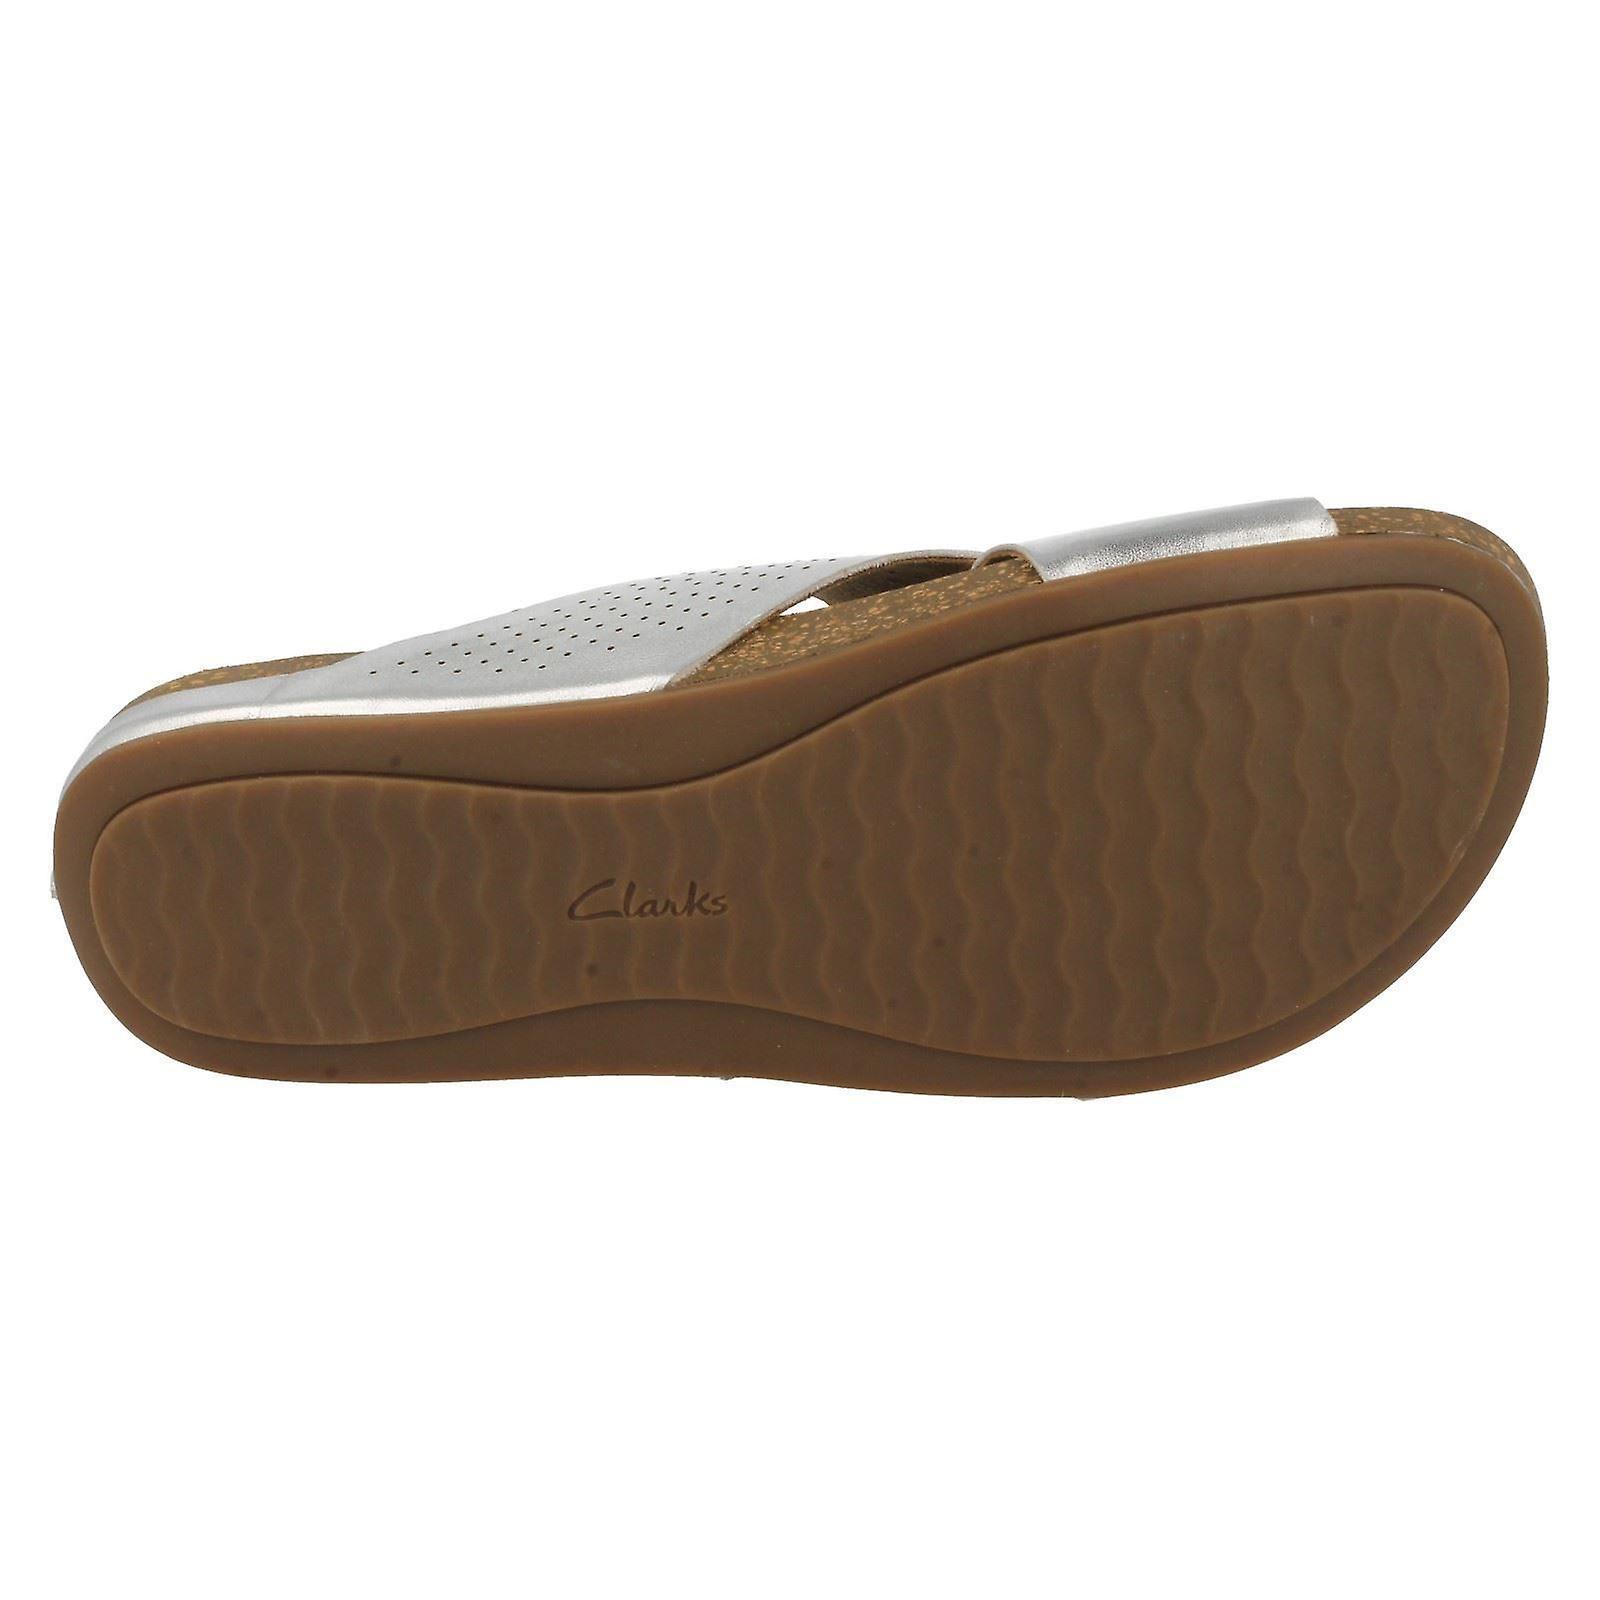 Ladies Mule Perri Clarks Sandals Cove xxw56rqB4